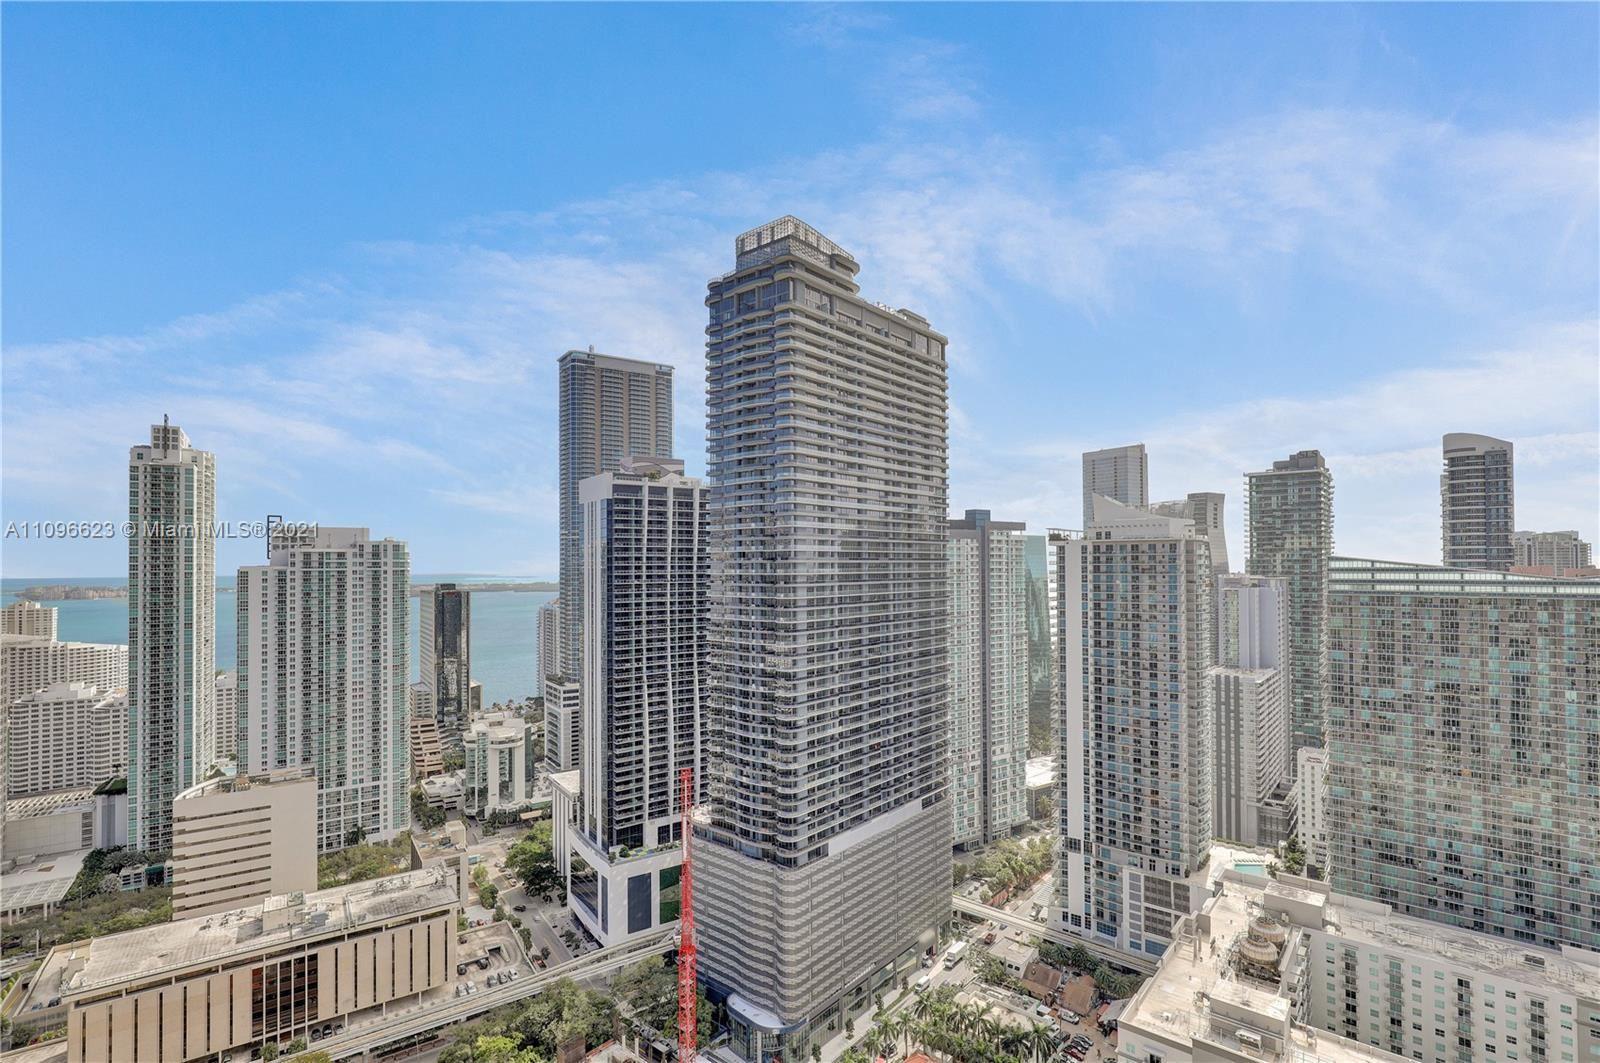 55 SW 9th St #3906, Miami, FL 33130 - #: A11096623